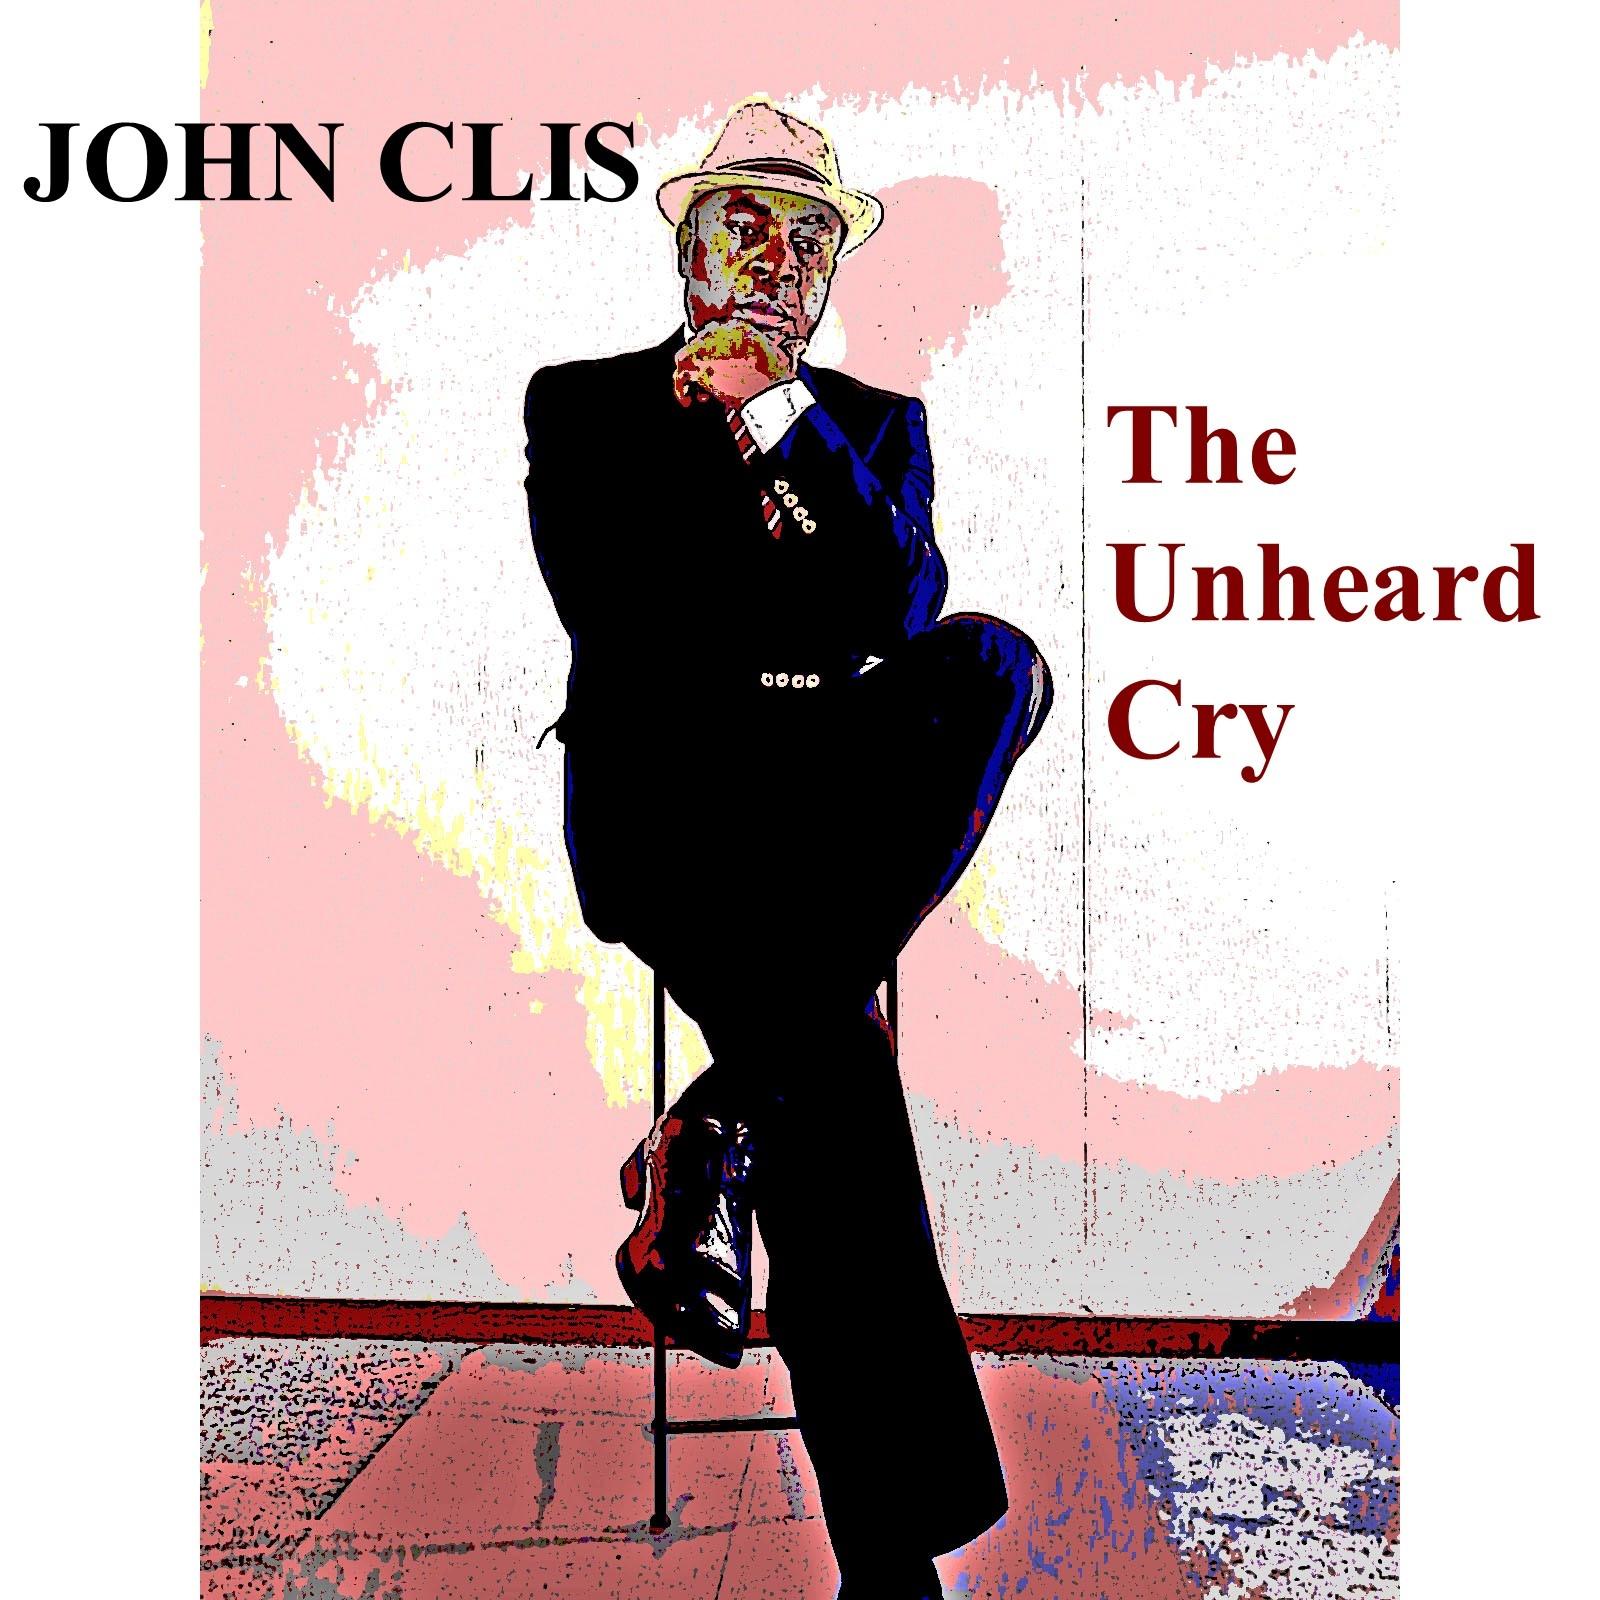 https://0201.nccdn.net/1_2/000/000/13c/9ff/John-Clis---The-Unheard-Cry---Pic-1-1600x1600.jpg